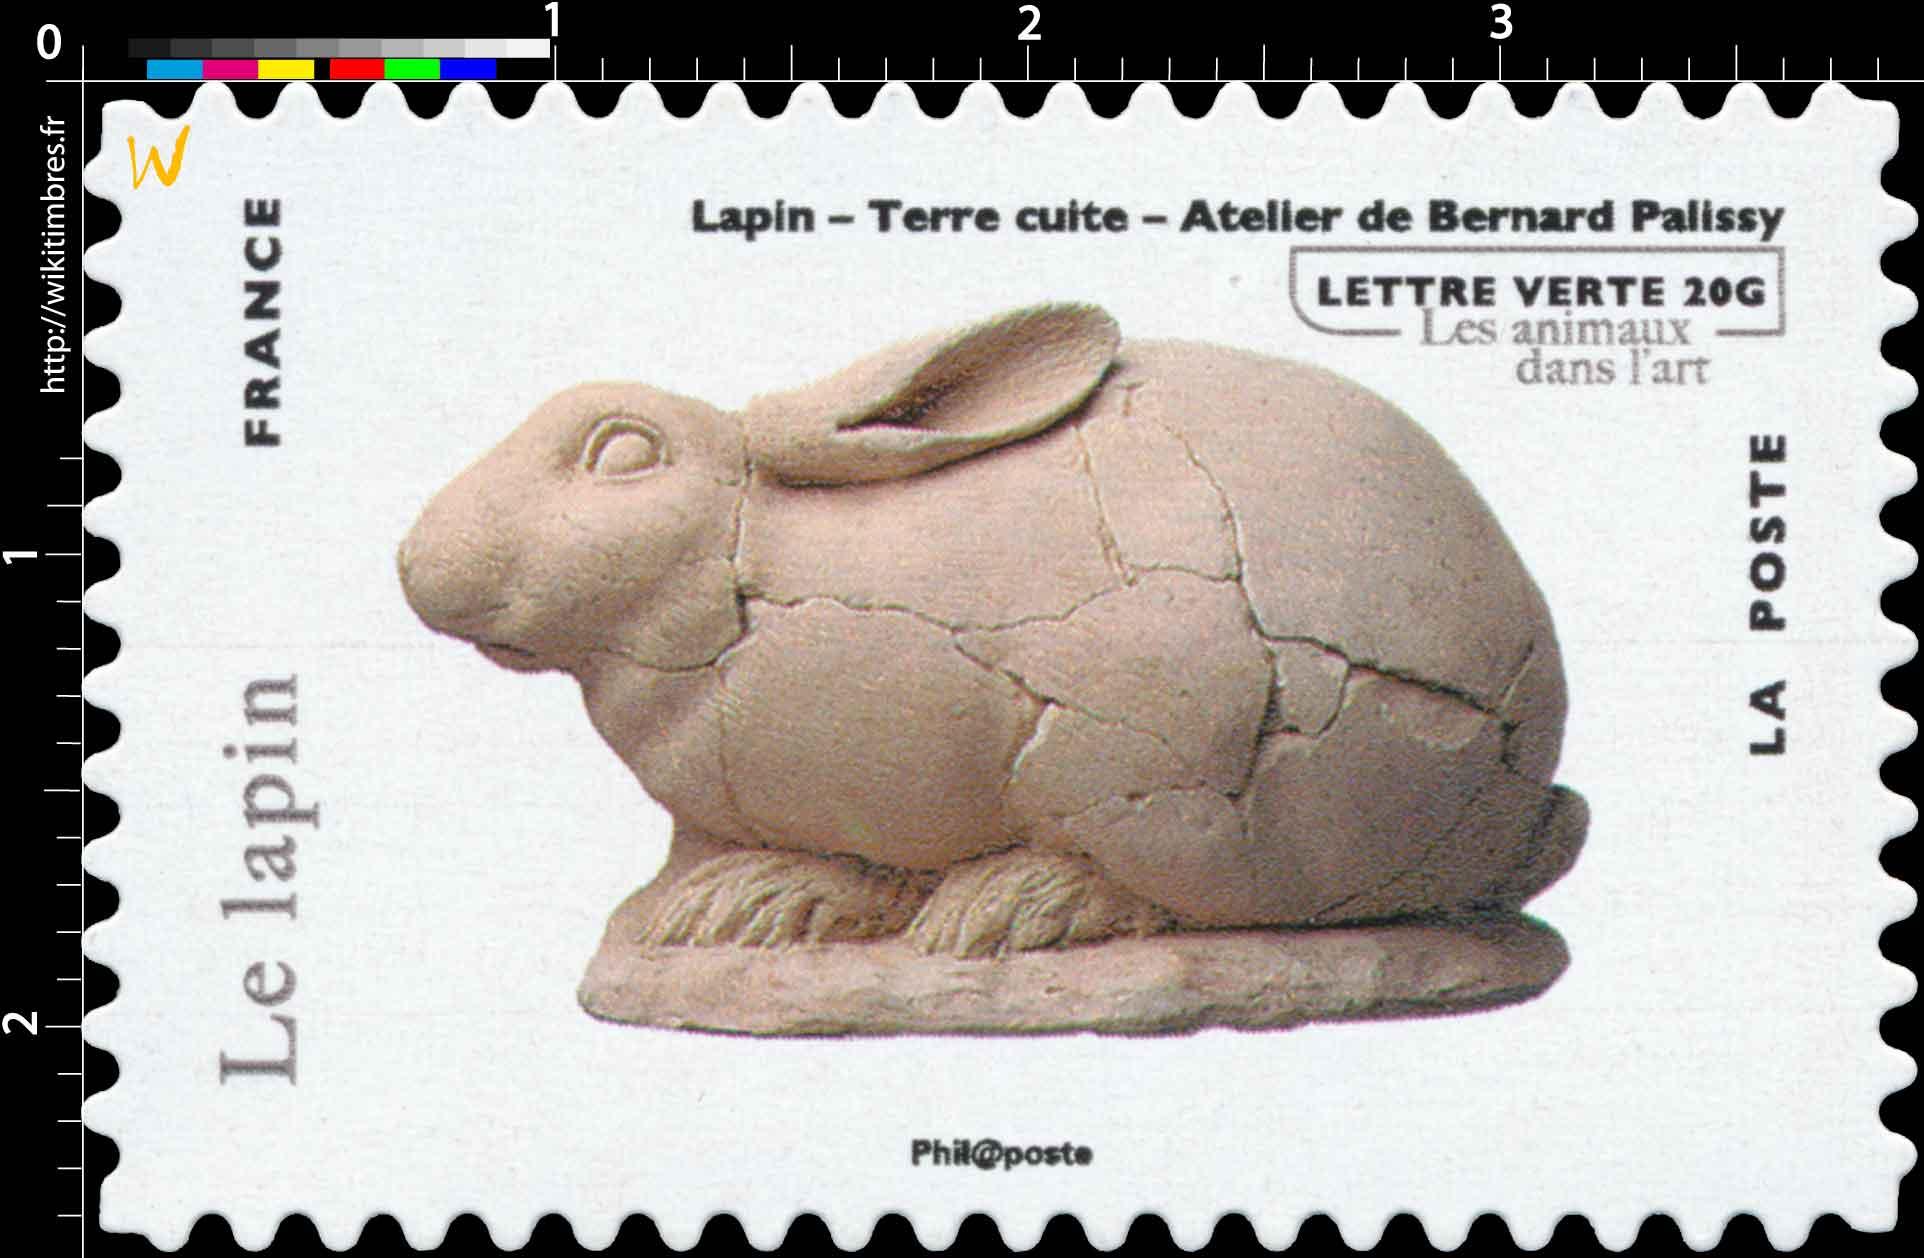 Lapin - Terre cuite - Atelier de Bernard Palissy- les animaux dans l'art